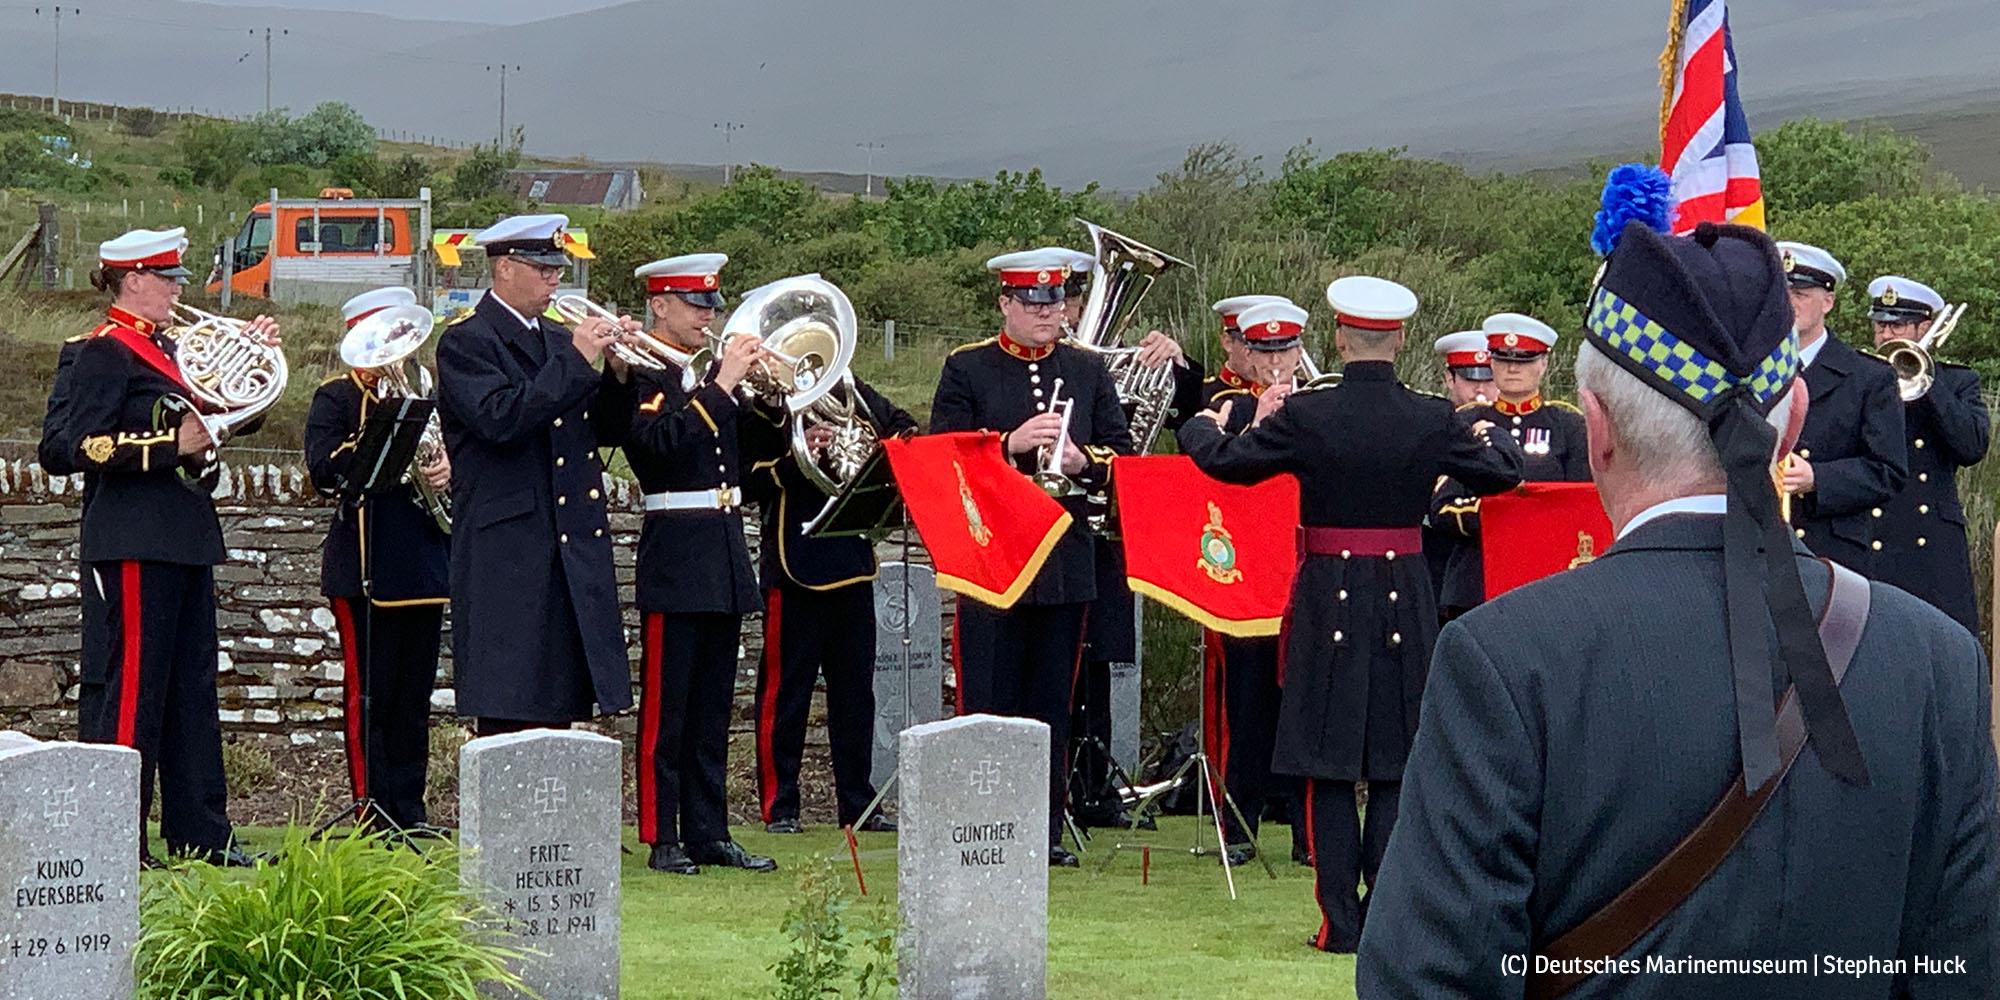 Gedenkveranstaltung aus Anlass der Selbstversenkung der Hochseeflotte auf dem Soldatenfriedhof von Lyness (Foto: Deutsches Marinemuseum   Stephan Huck)